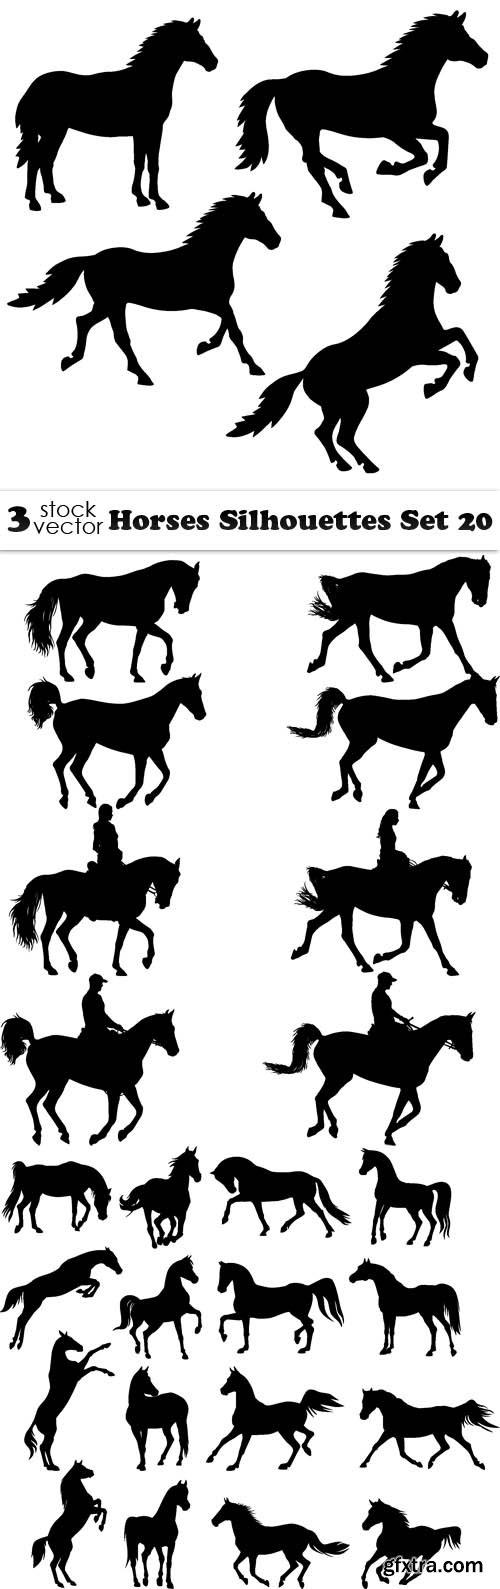 Vectors - Horses Silhouettes Set 20